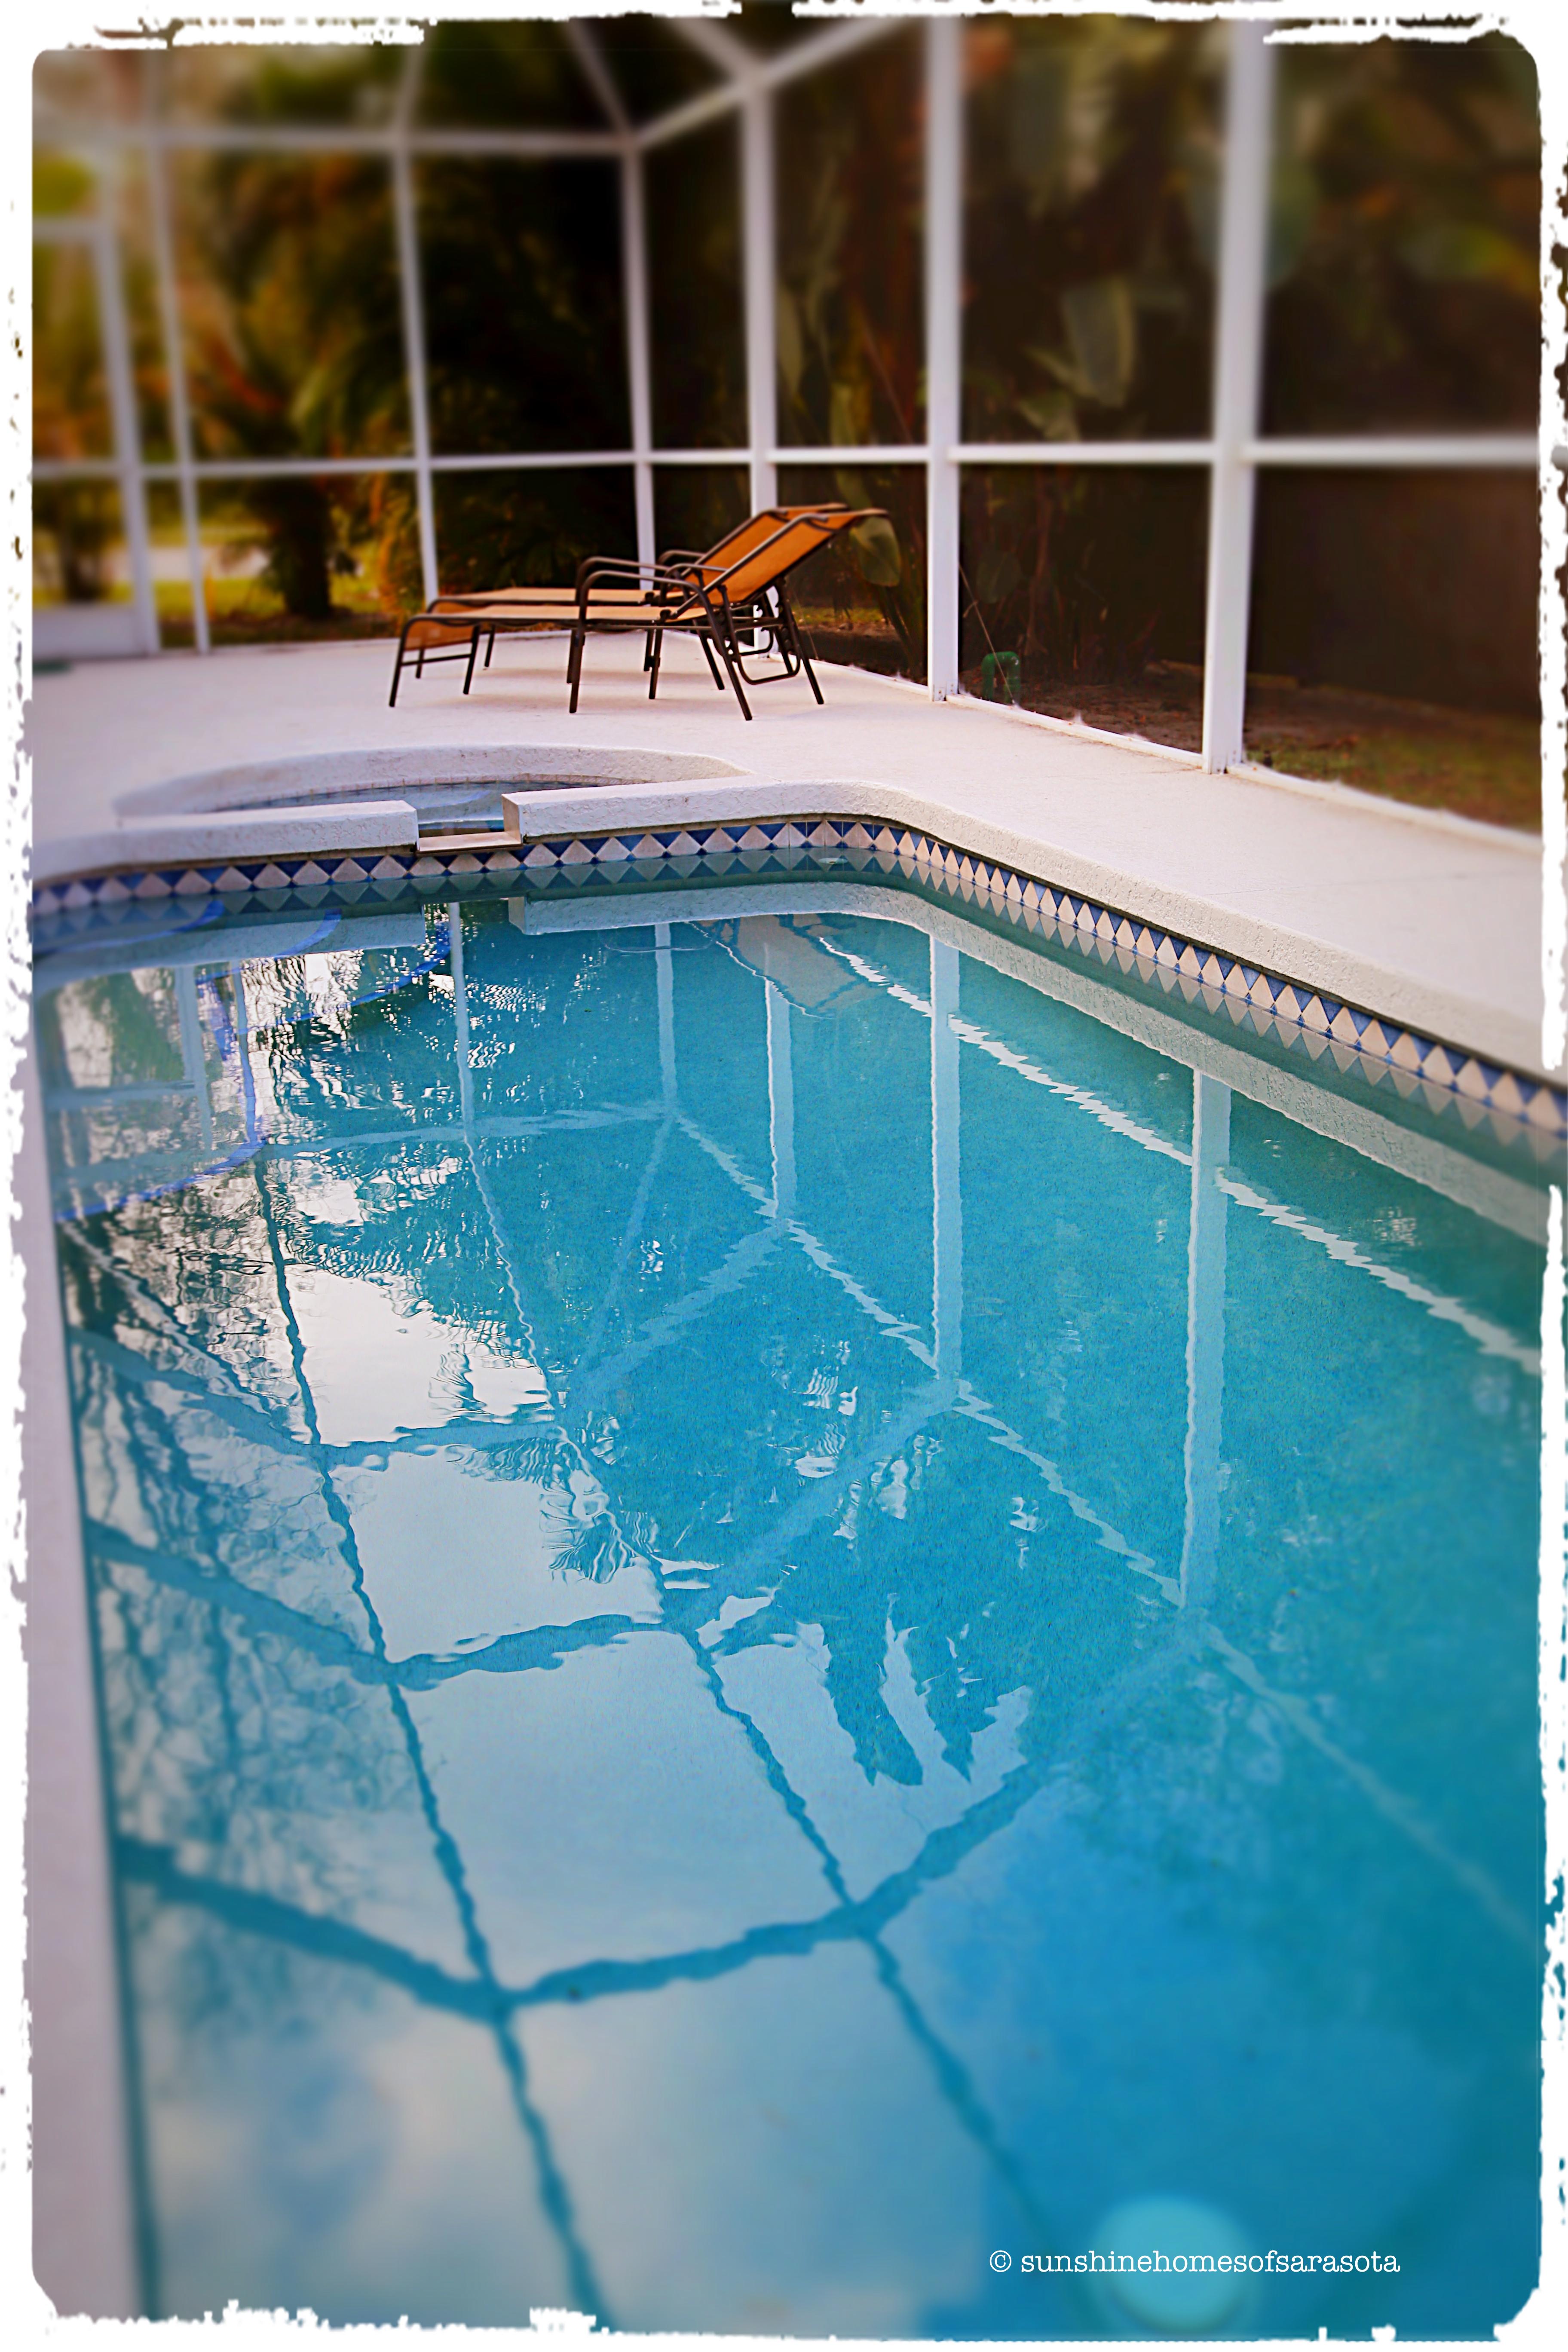 Sunshine Homes Of Sarasota